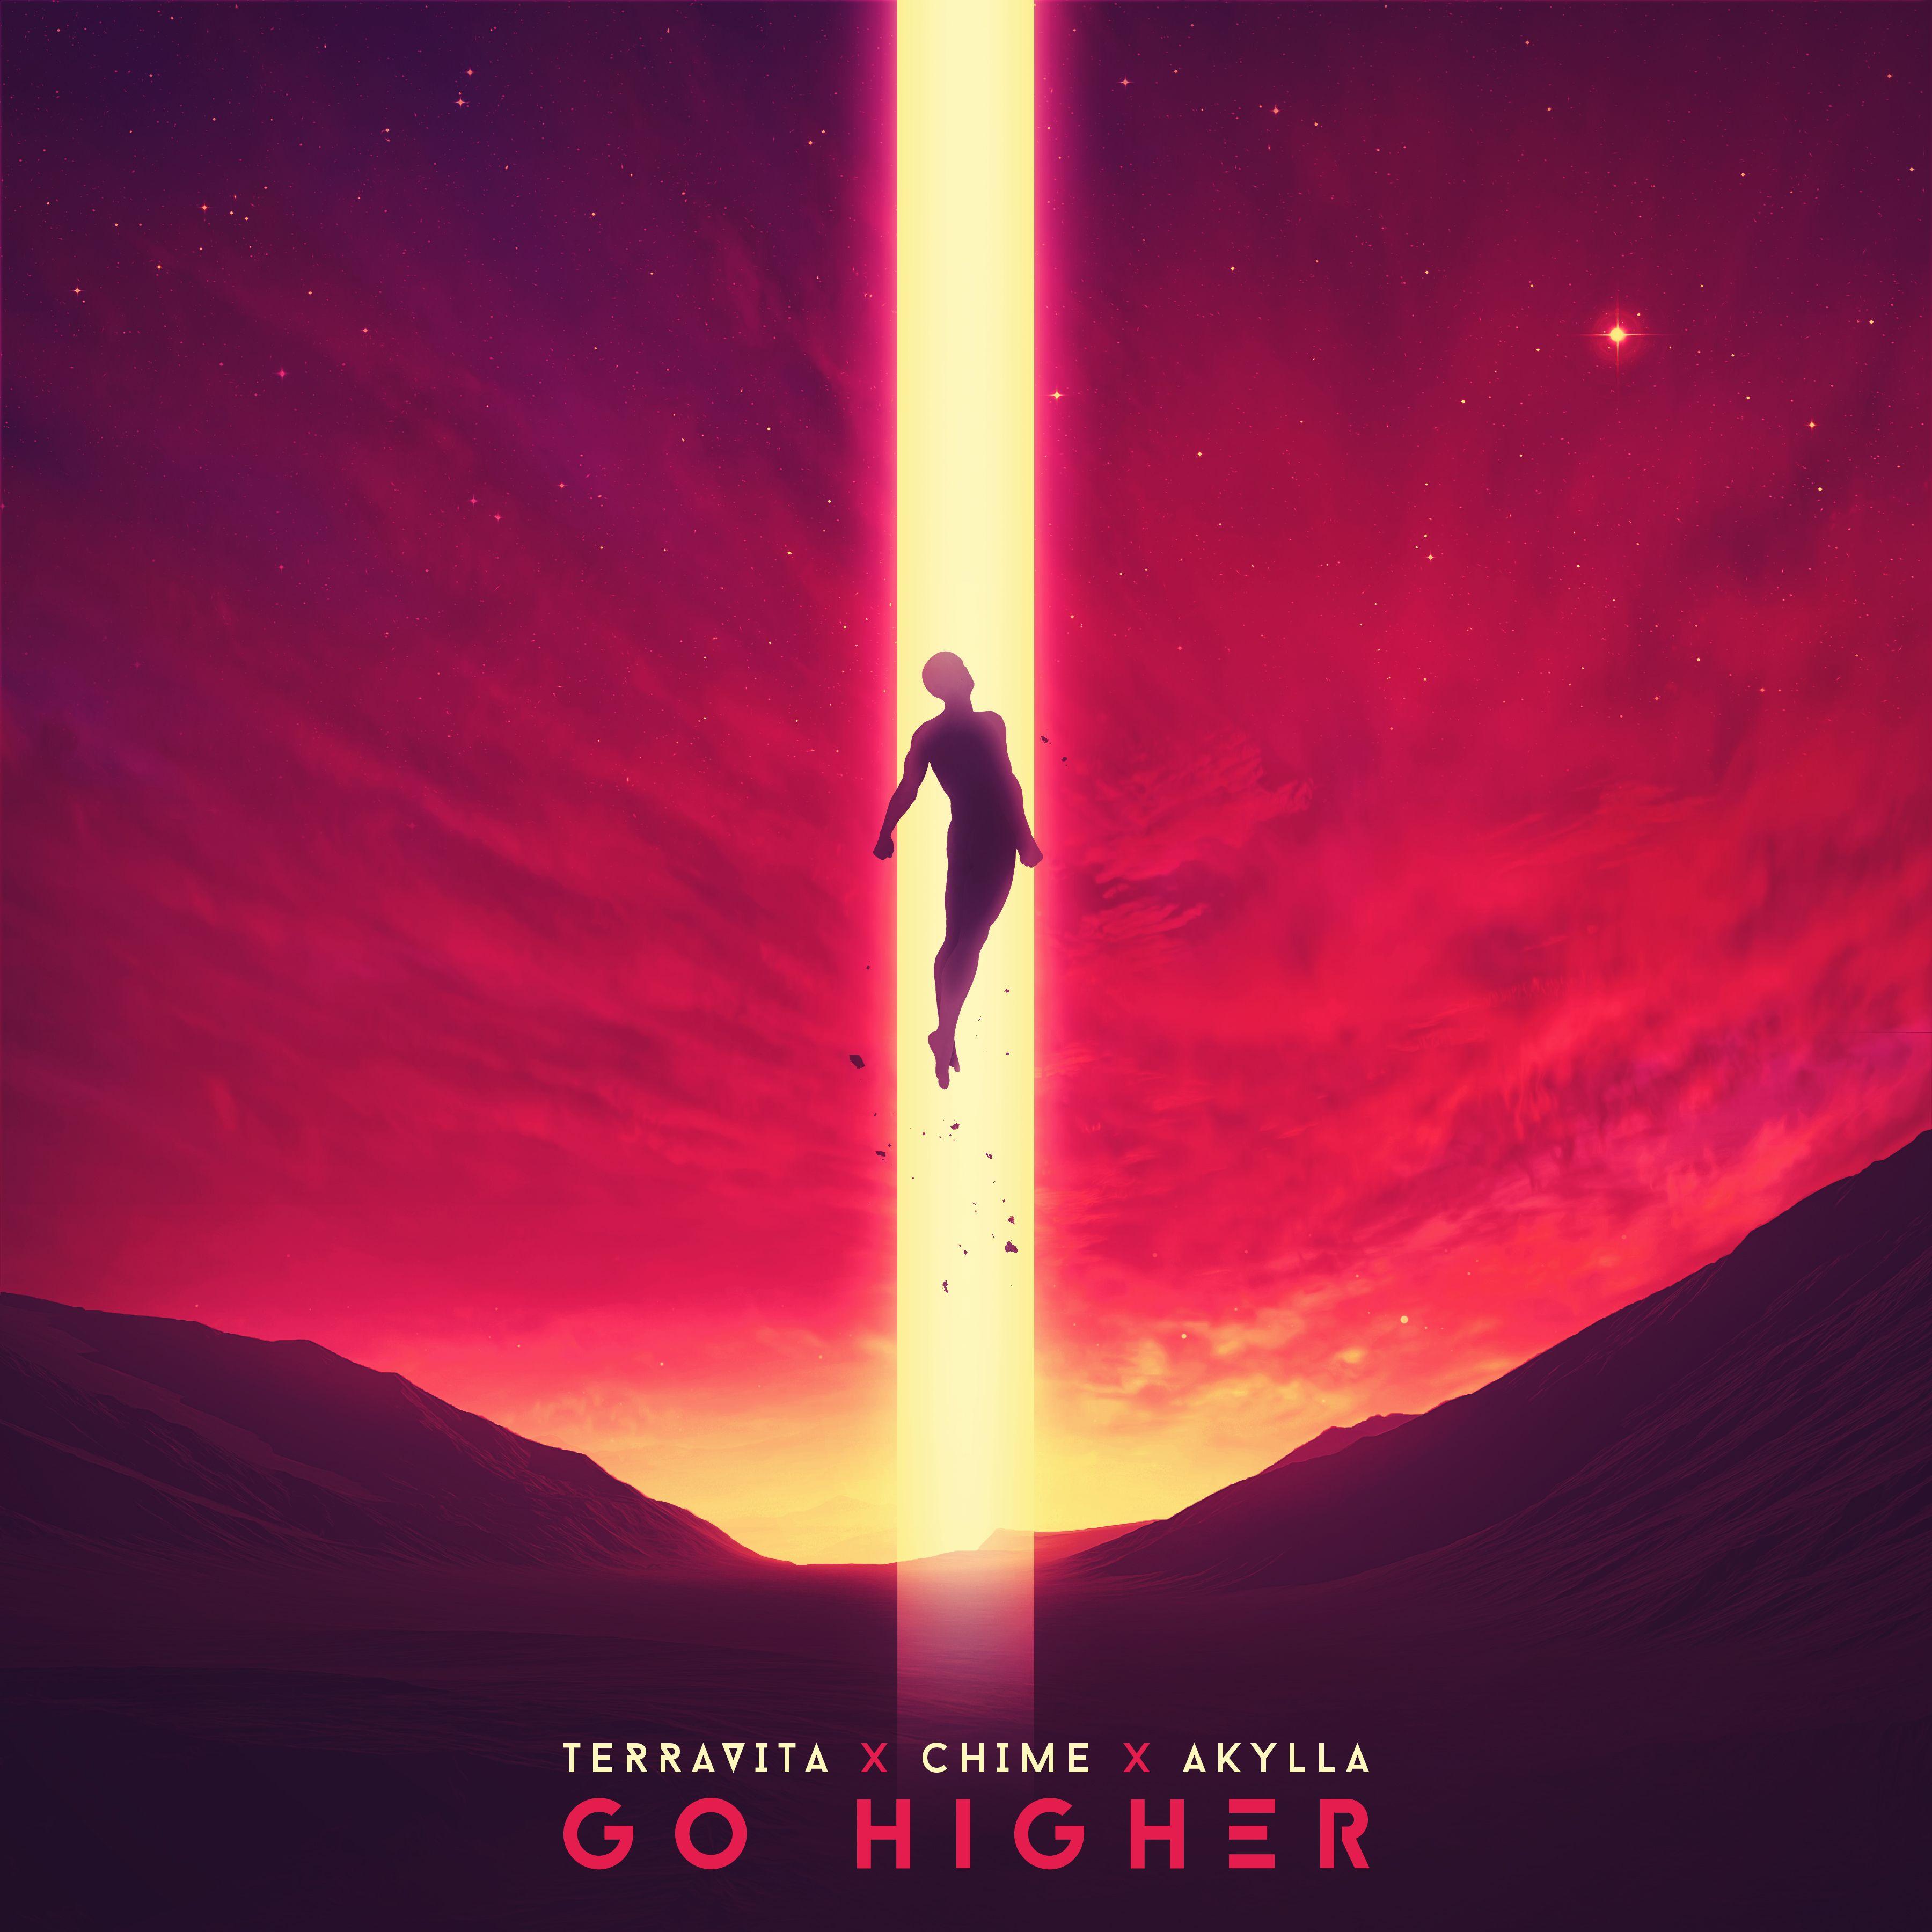 دانلود اهنگ Terravita & Chime & Akylla به نام Go Higher